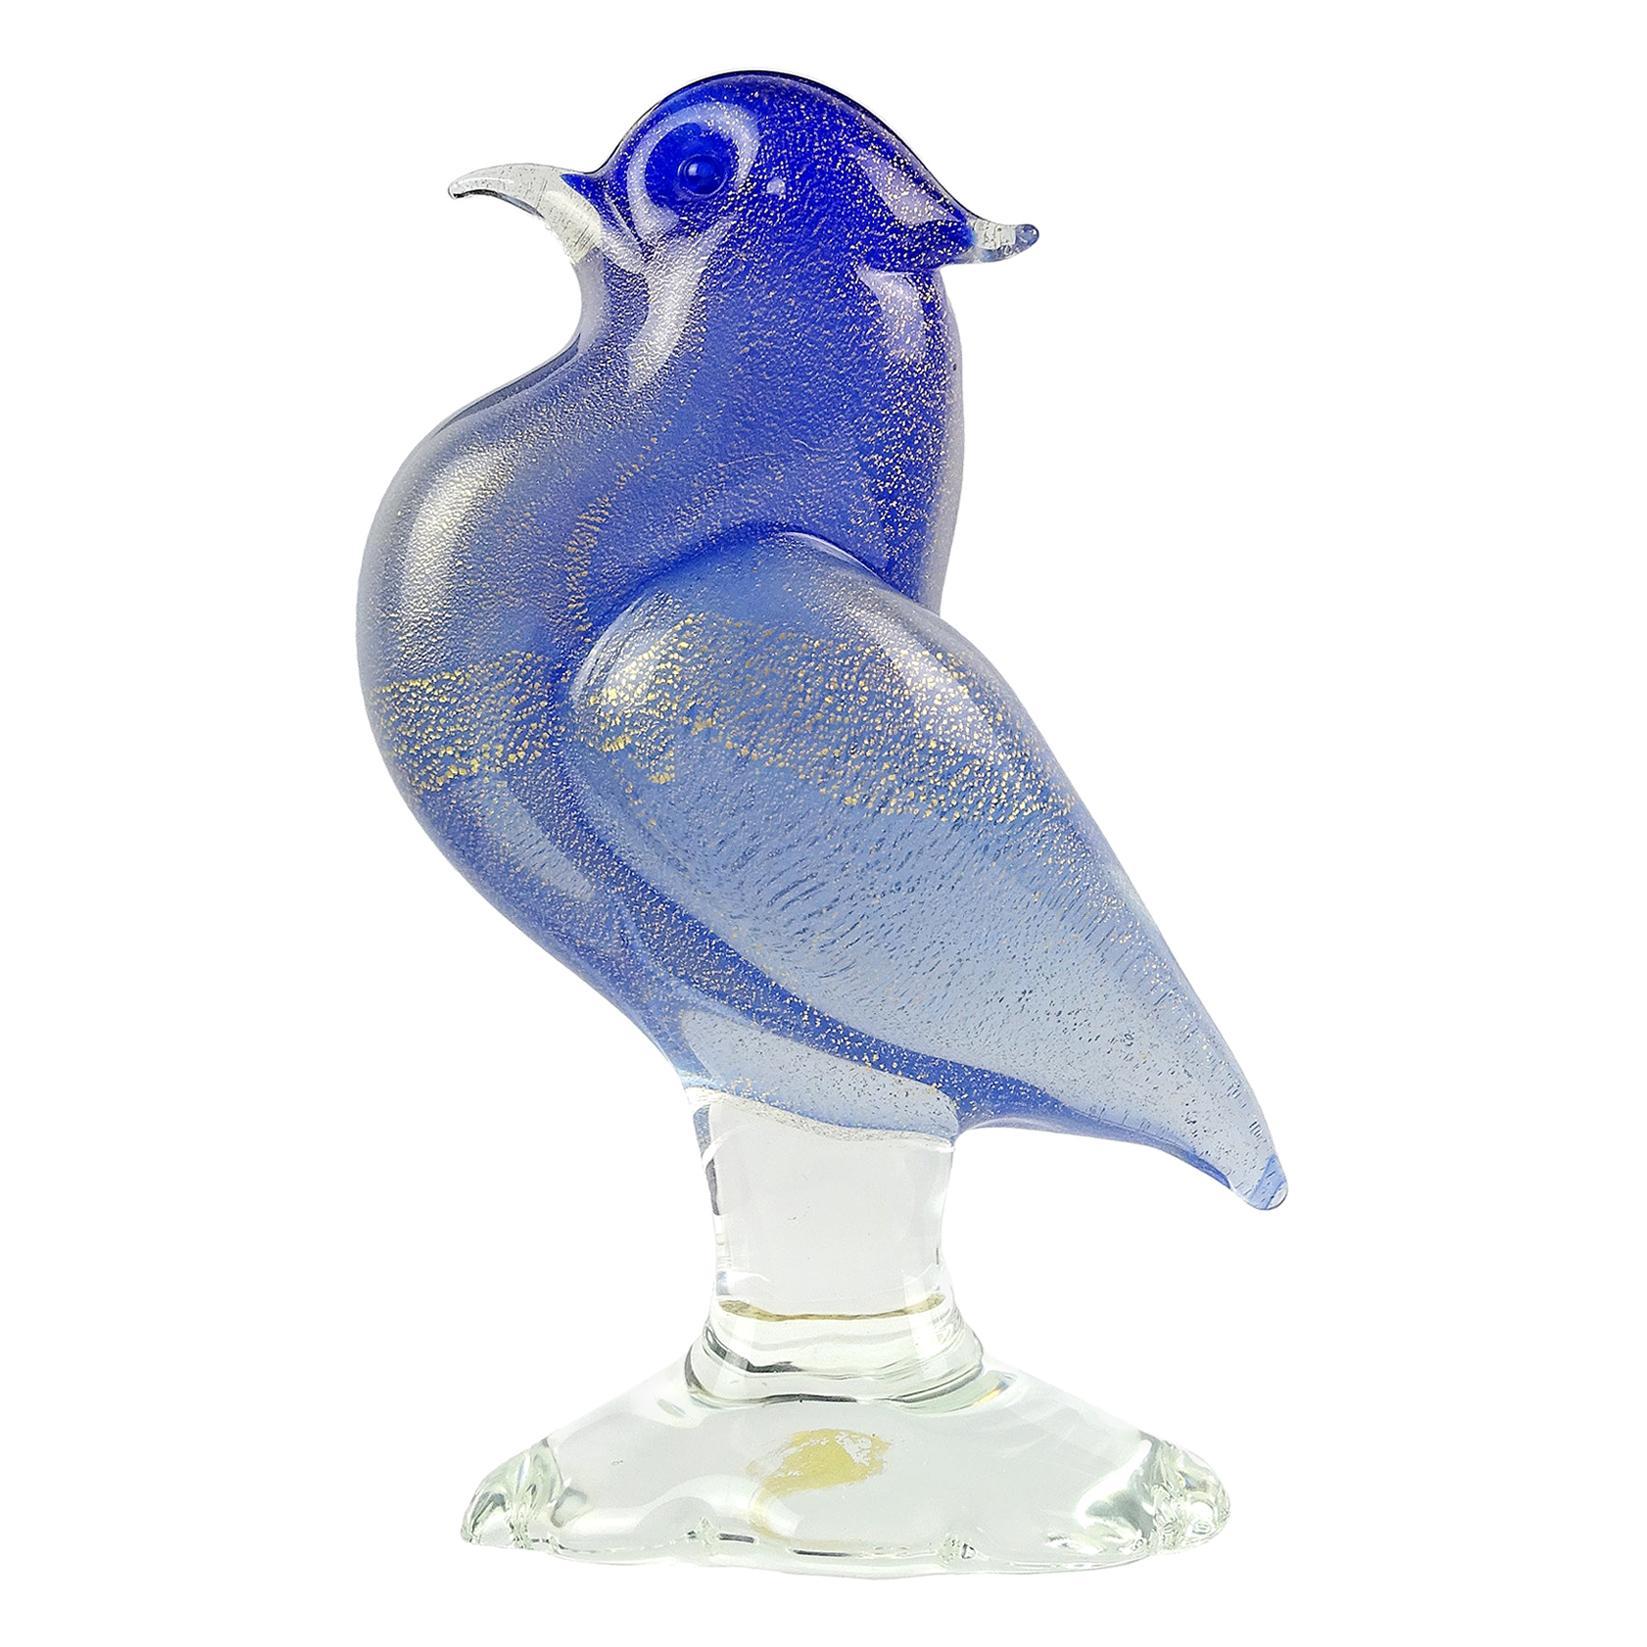 Archimede Seguso MuranoCobalt Blue Gold Flecks Italian Art Glass Bird Sculpture